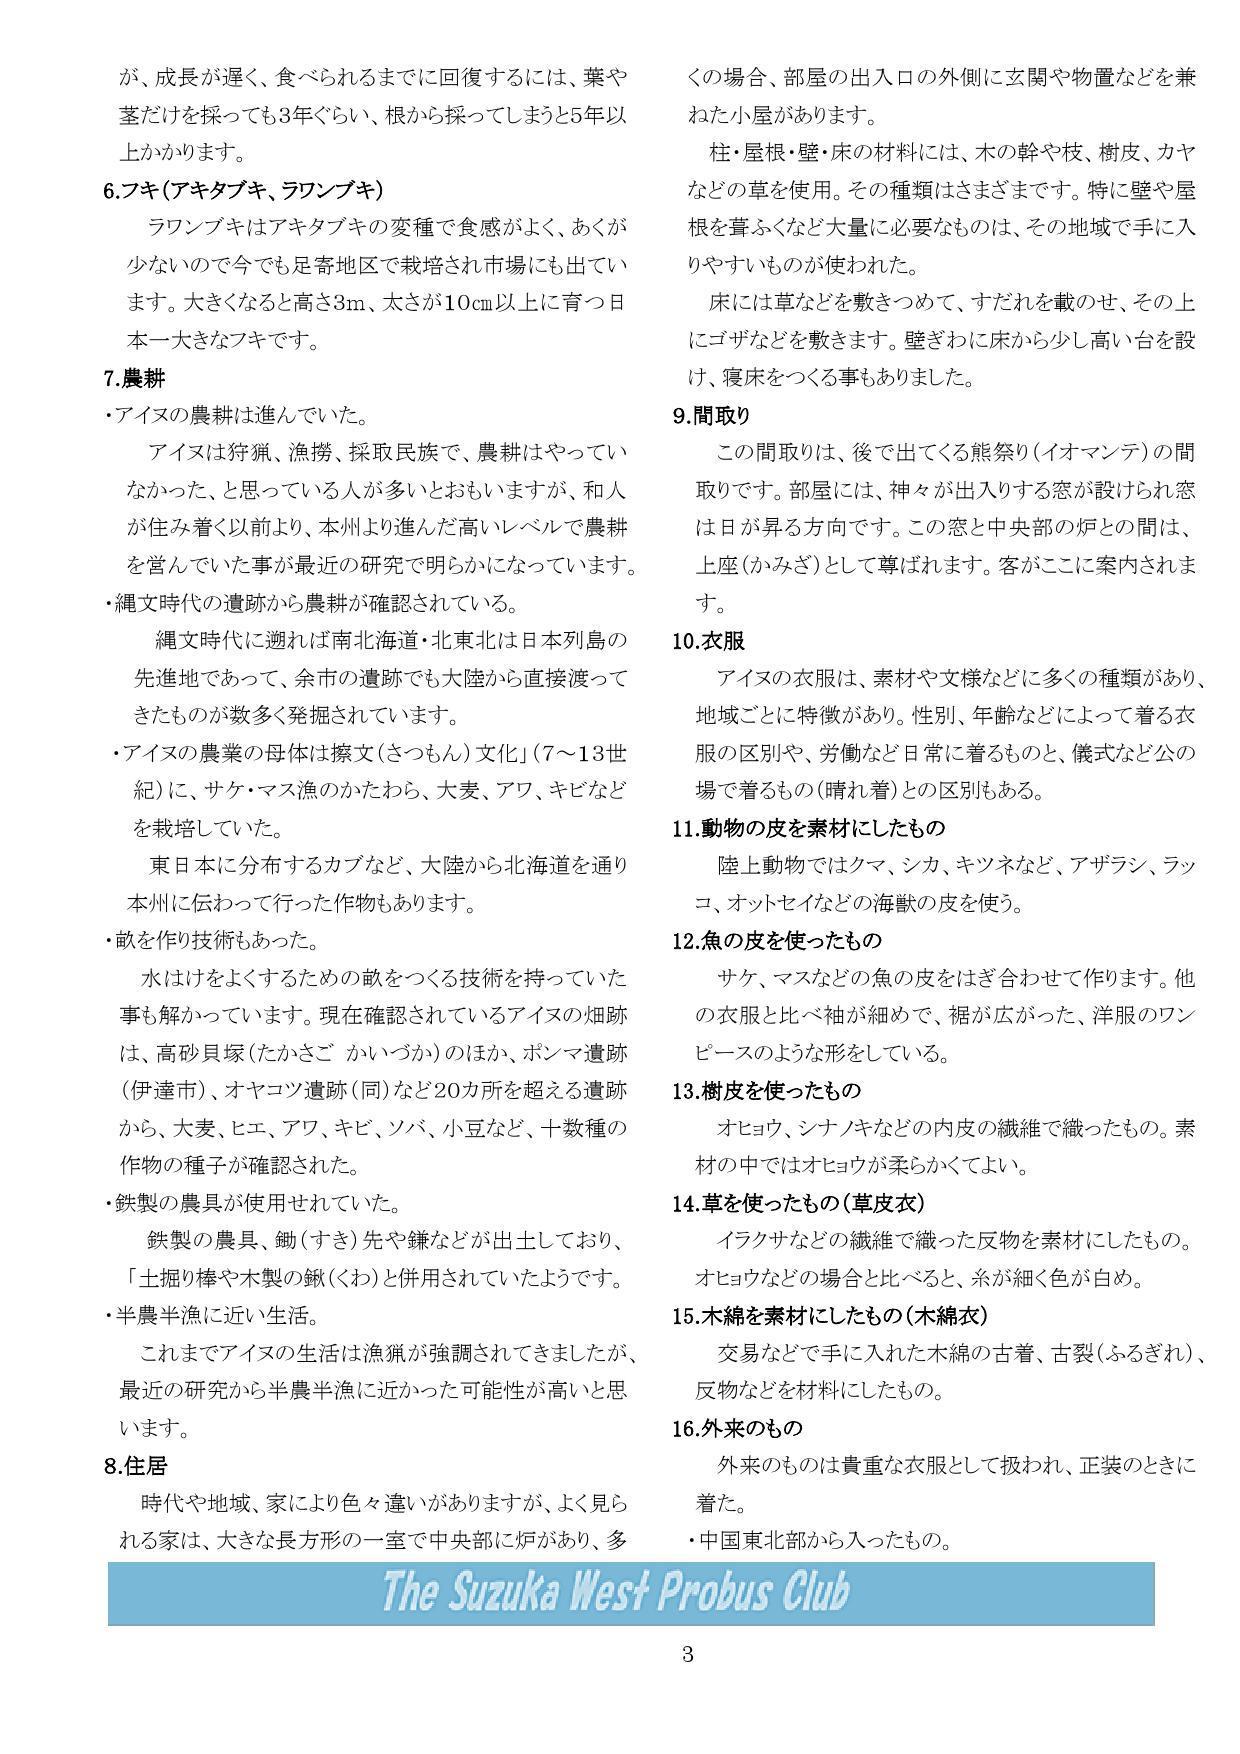 鈴鹿西プロバスクラブ会報 第248号 2021年5月1日_b0000714_10552108.jpg